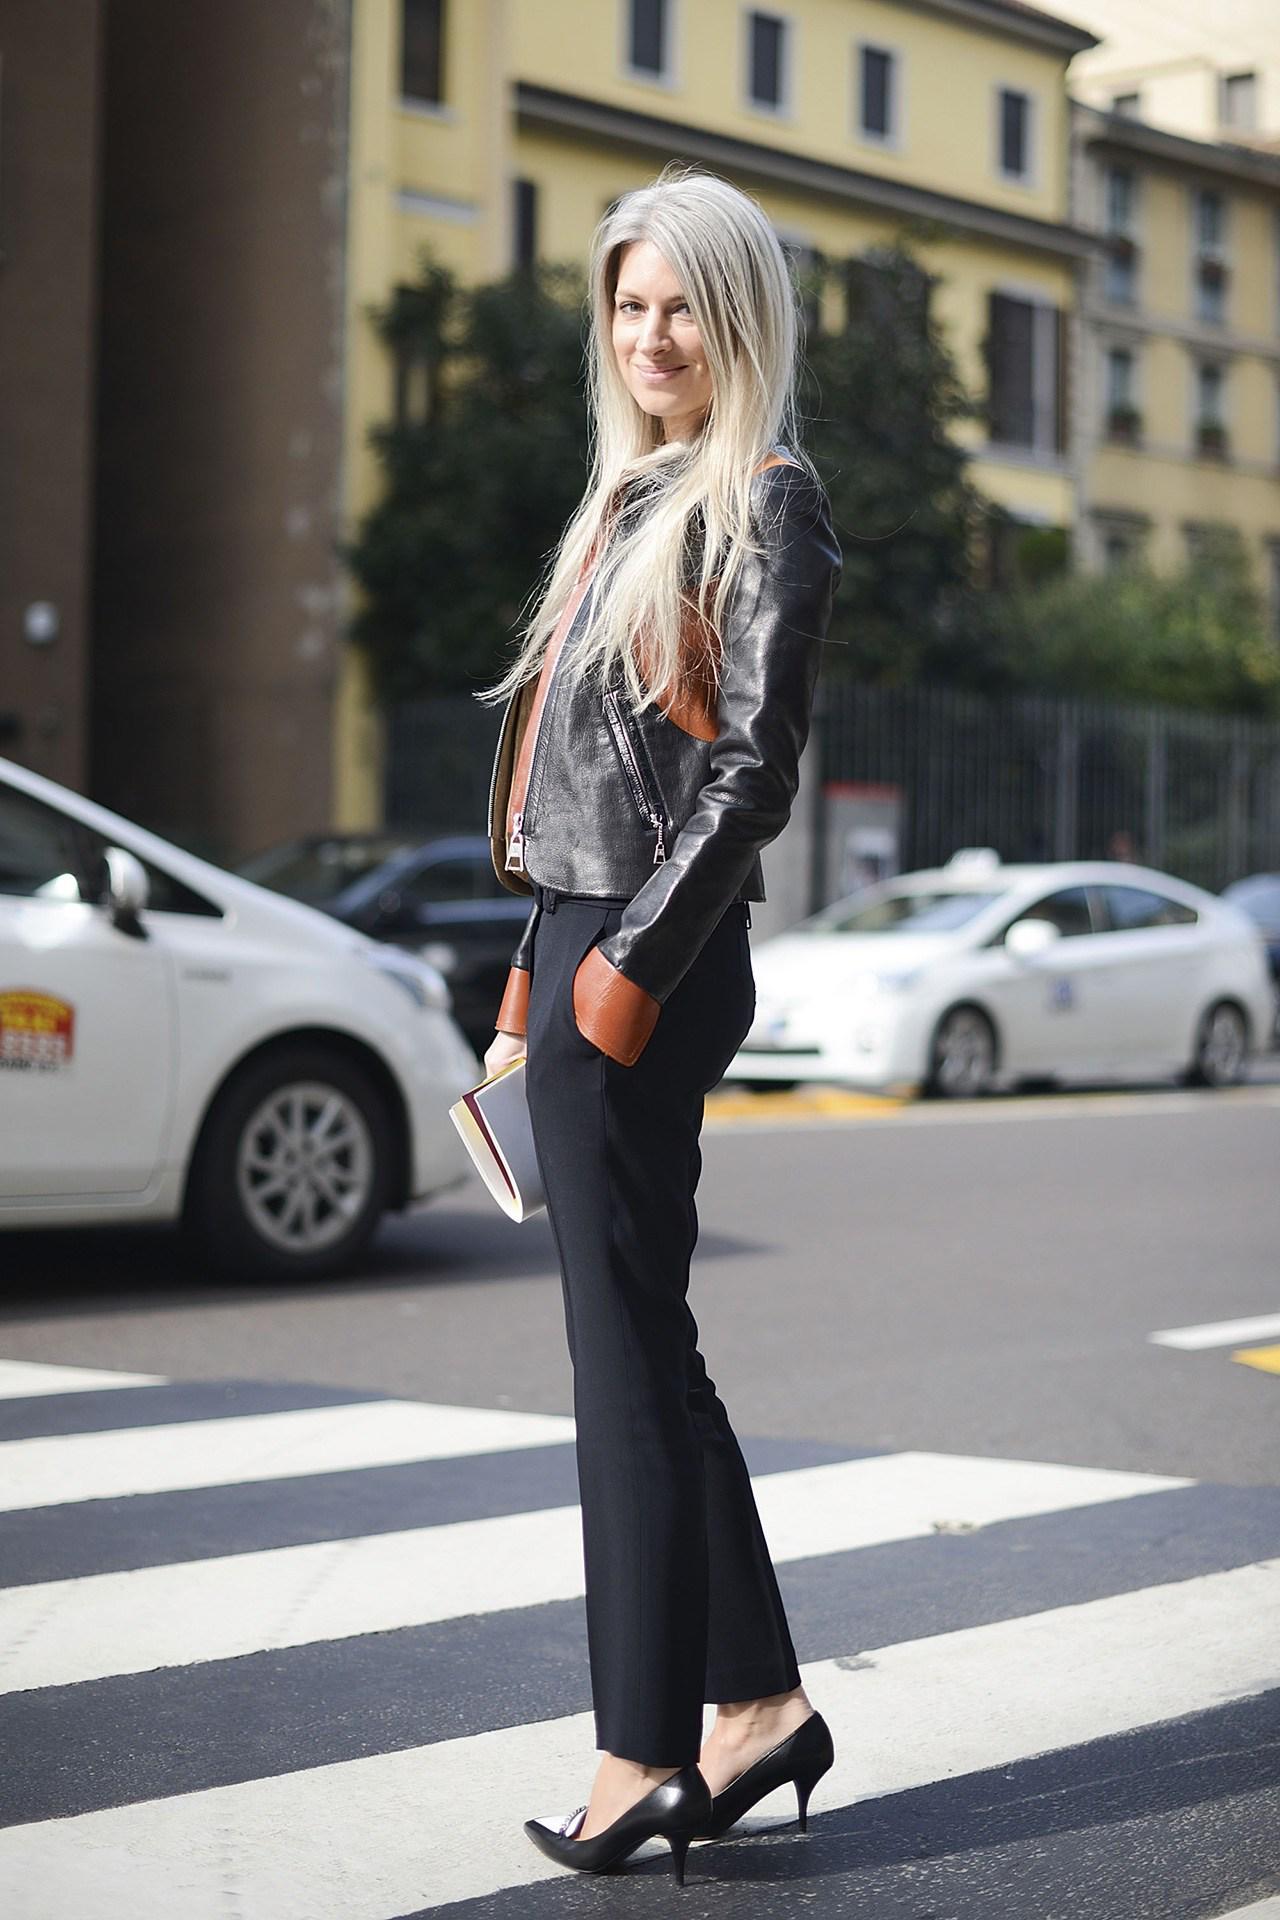 Fashion New York Milan Paris London A Transatlantic Fashion Week Style Guide